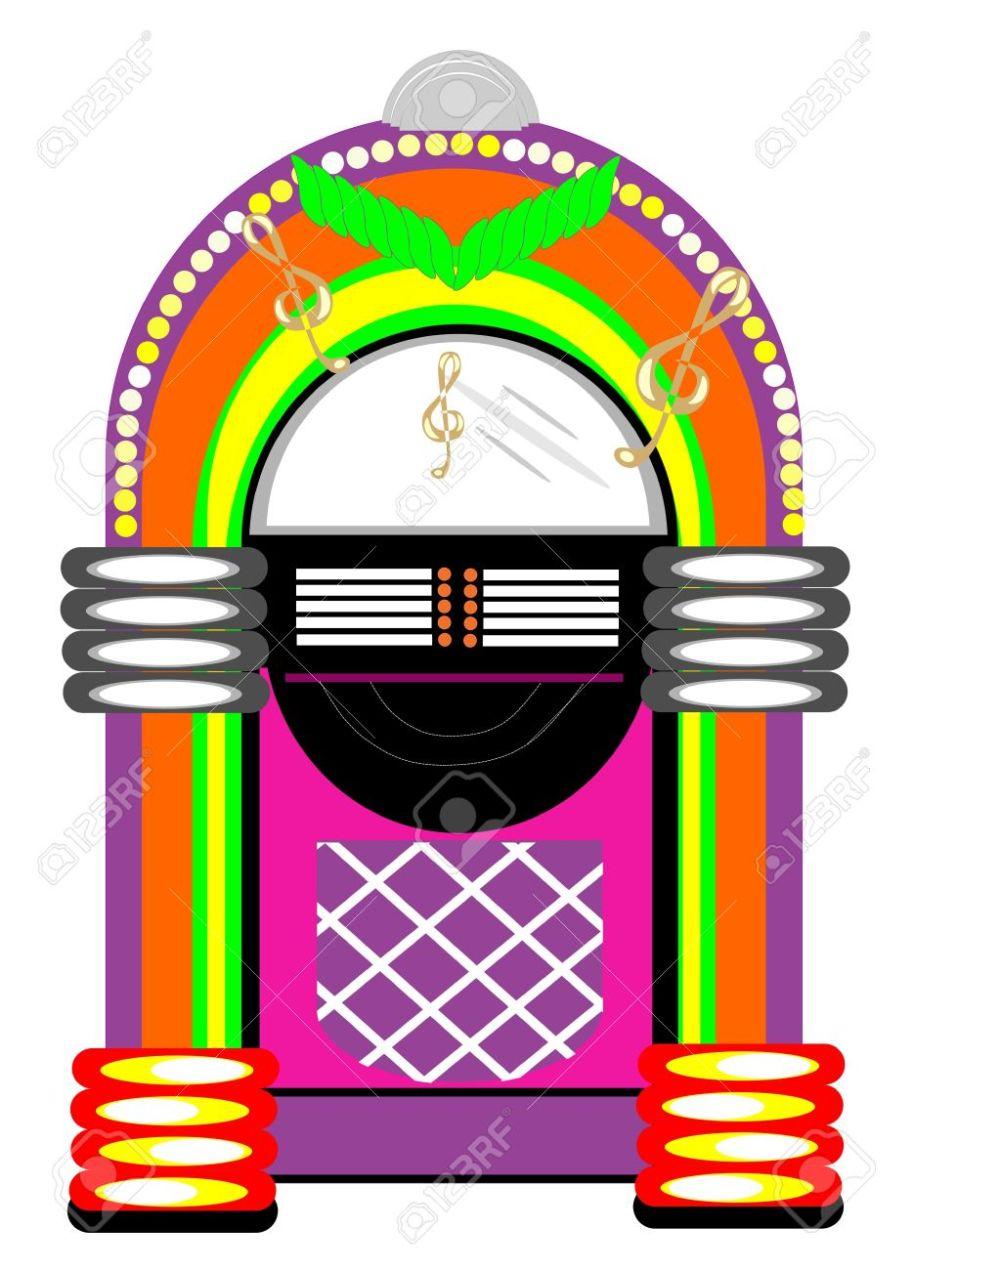 medium resolution of retro jukebox illustration stock vector 10038580